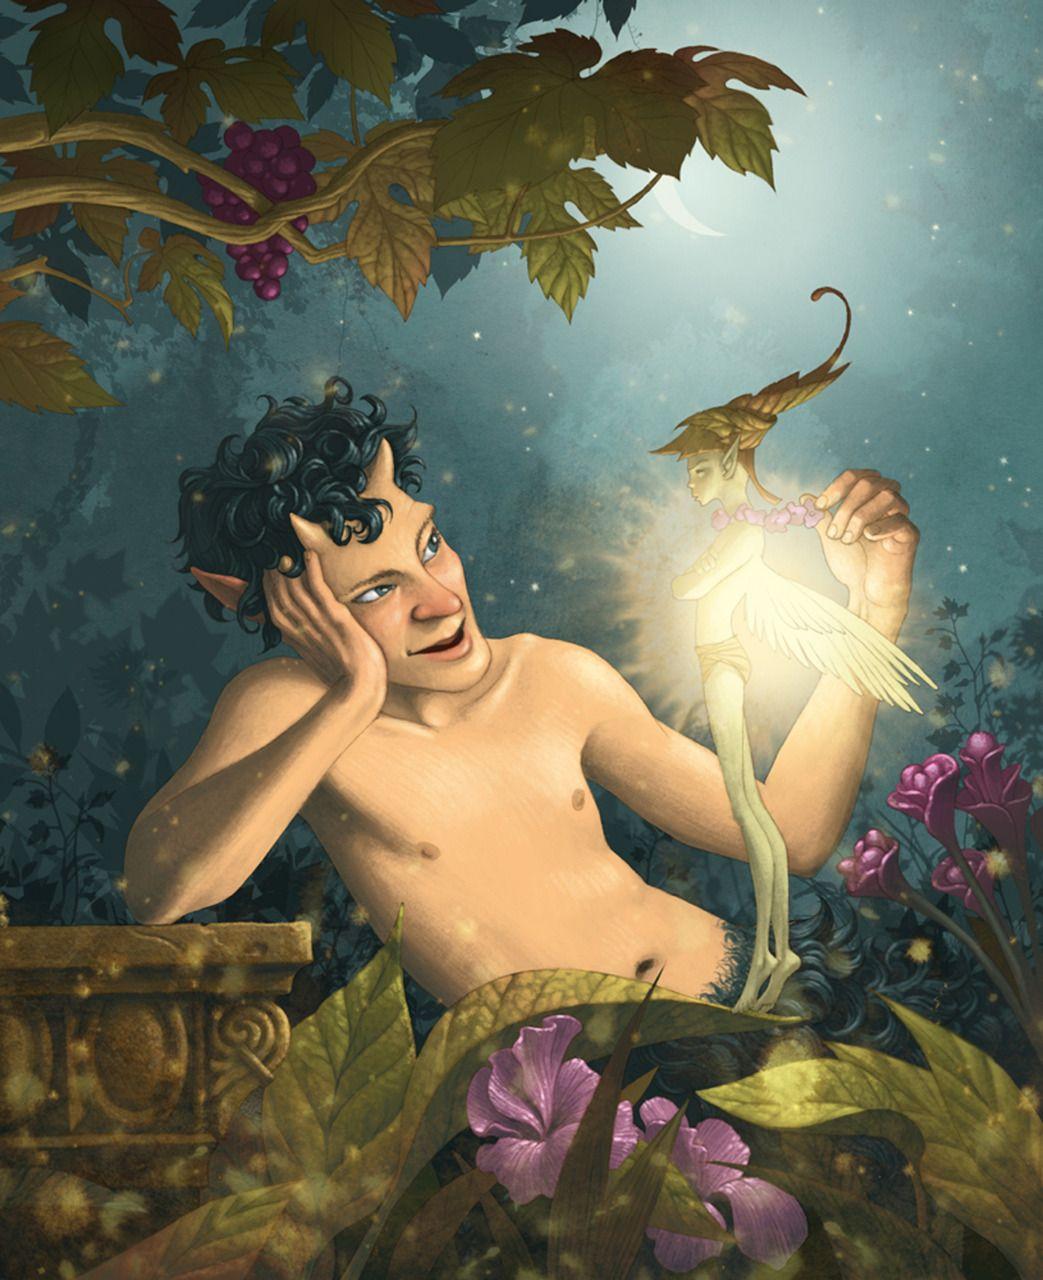 Великолепные иллюстрации Антонио Капаро